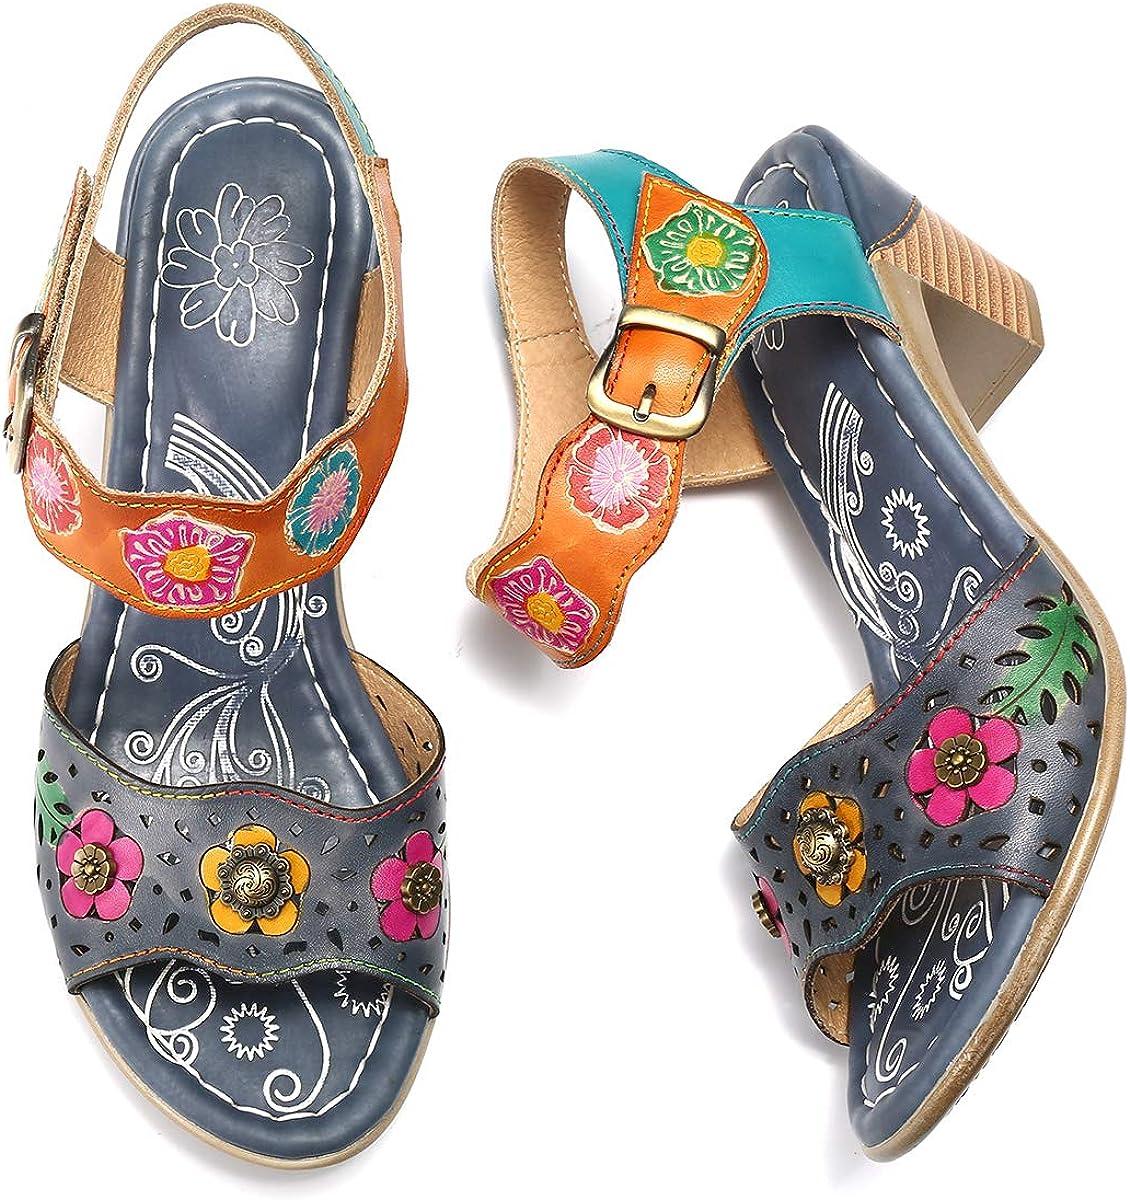 gracosy Sandalias Cuero Verano Mujer Estilo Bohemia Zapatos de Tac/ón Medio para Mujer de Dedo Sandalias Talla Grande 37-42 Chanclas Romanas de Mujer Caf/é Naranja Hecho a Mano Los Zapatos 2019